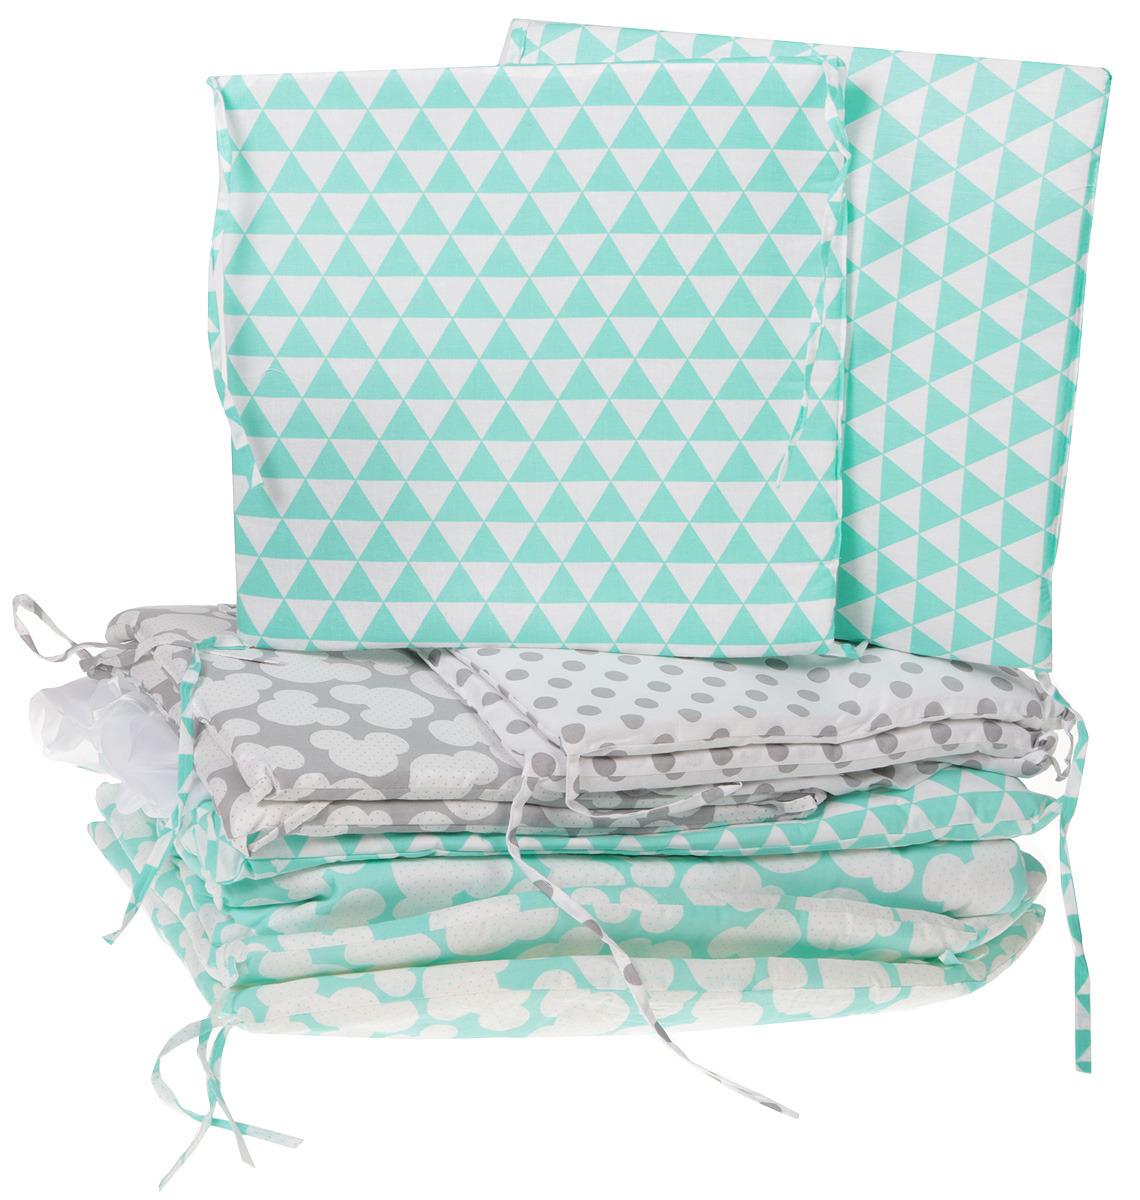 Комплект в кроватку Sweet Baby Fiocco, 411971, зеленый, серый, 7 предметов